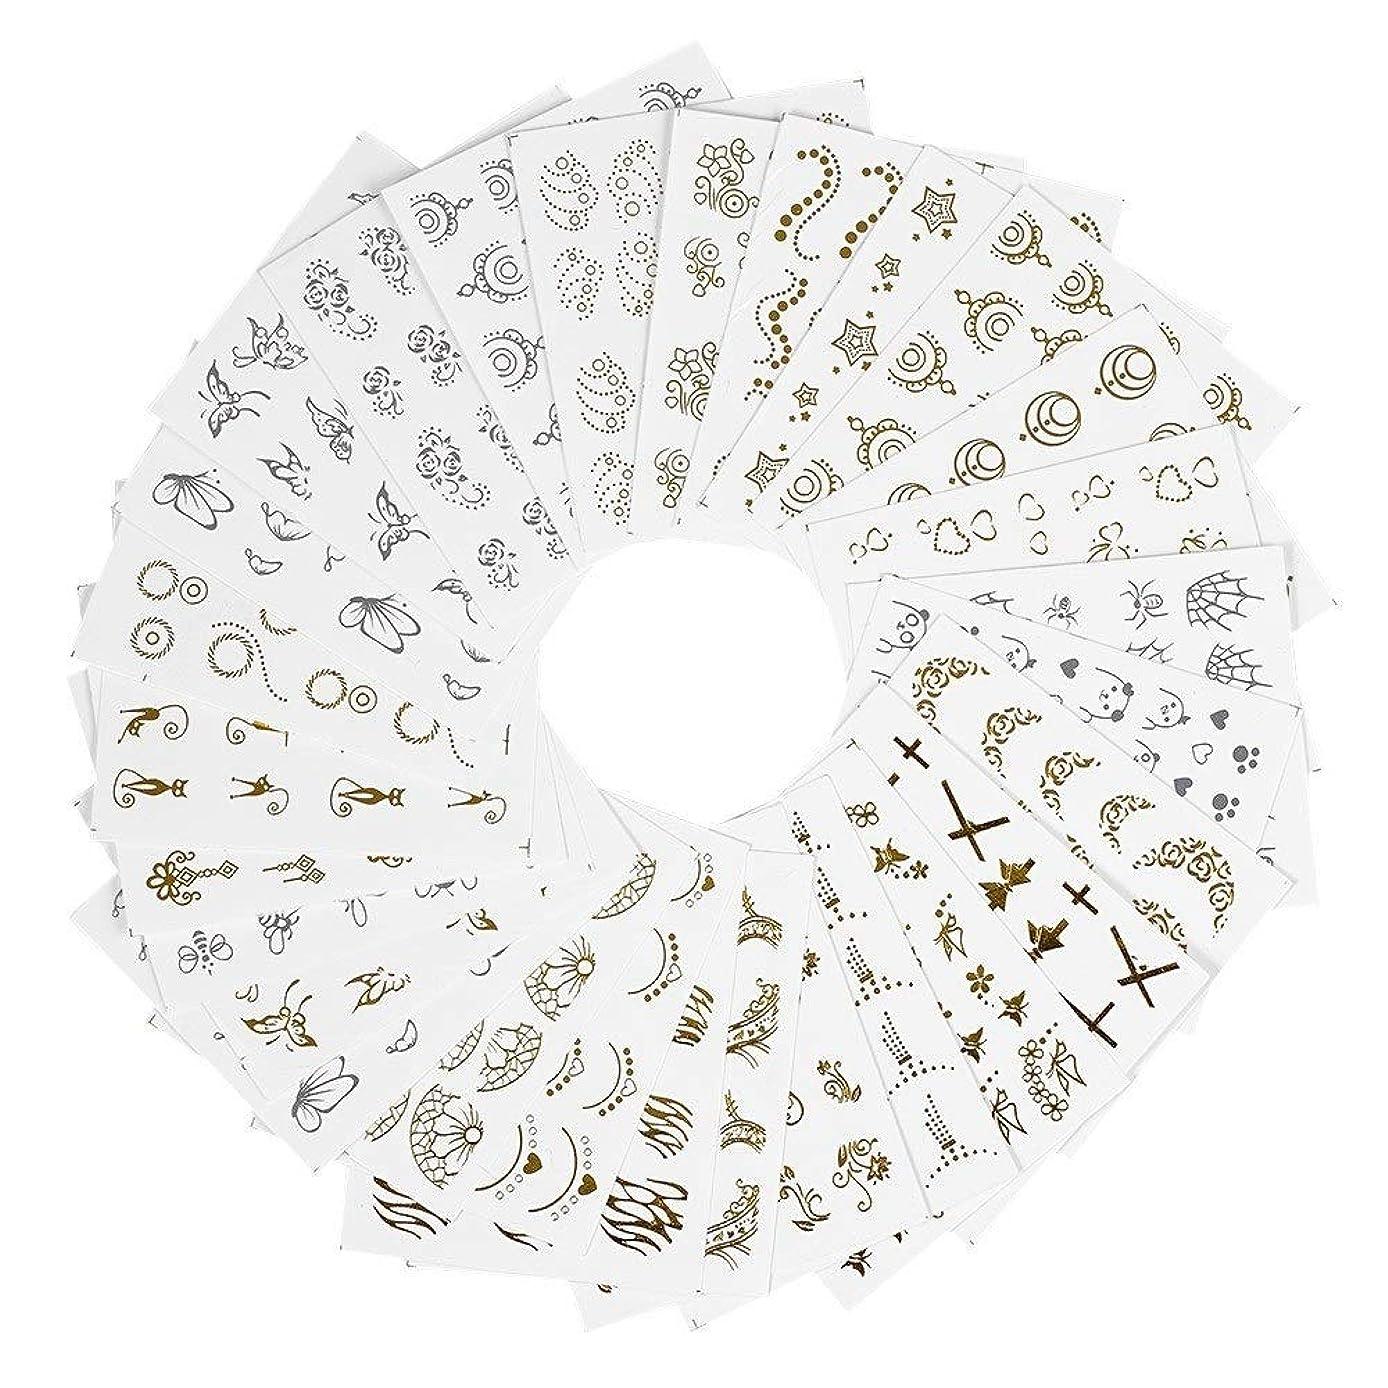 優れました蒸気割り当てるビューティフル 女性 30枚セット DIY かわいい ネイルシール ウォーターネイルシール ジェルネイル セルフネイル レジン 混合 バタフライ 花柄 ゴールド シルバー 貼り紙 綺麗 ジェルネイル用品 ネイルパッチ レディース